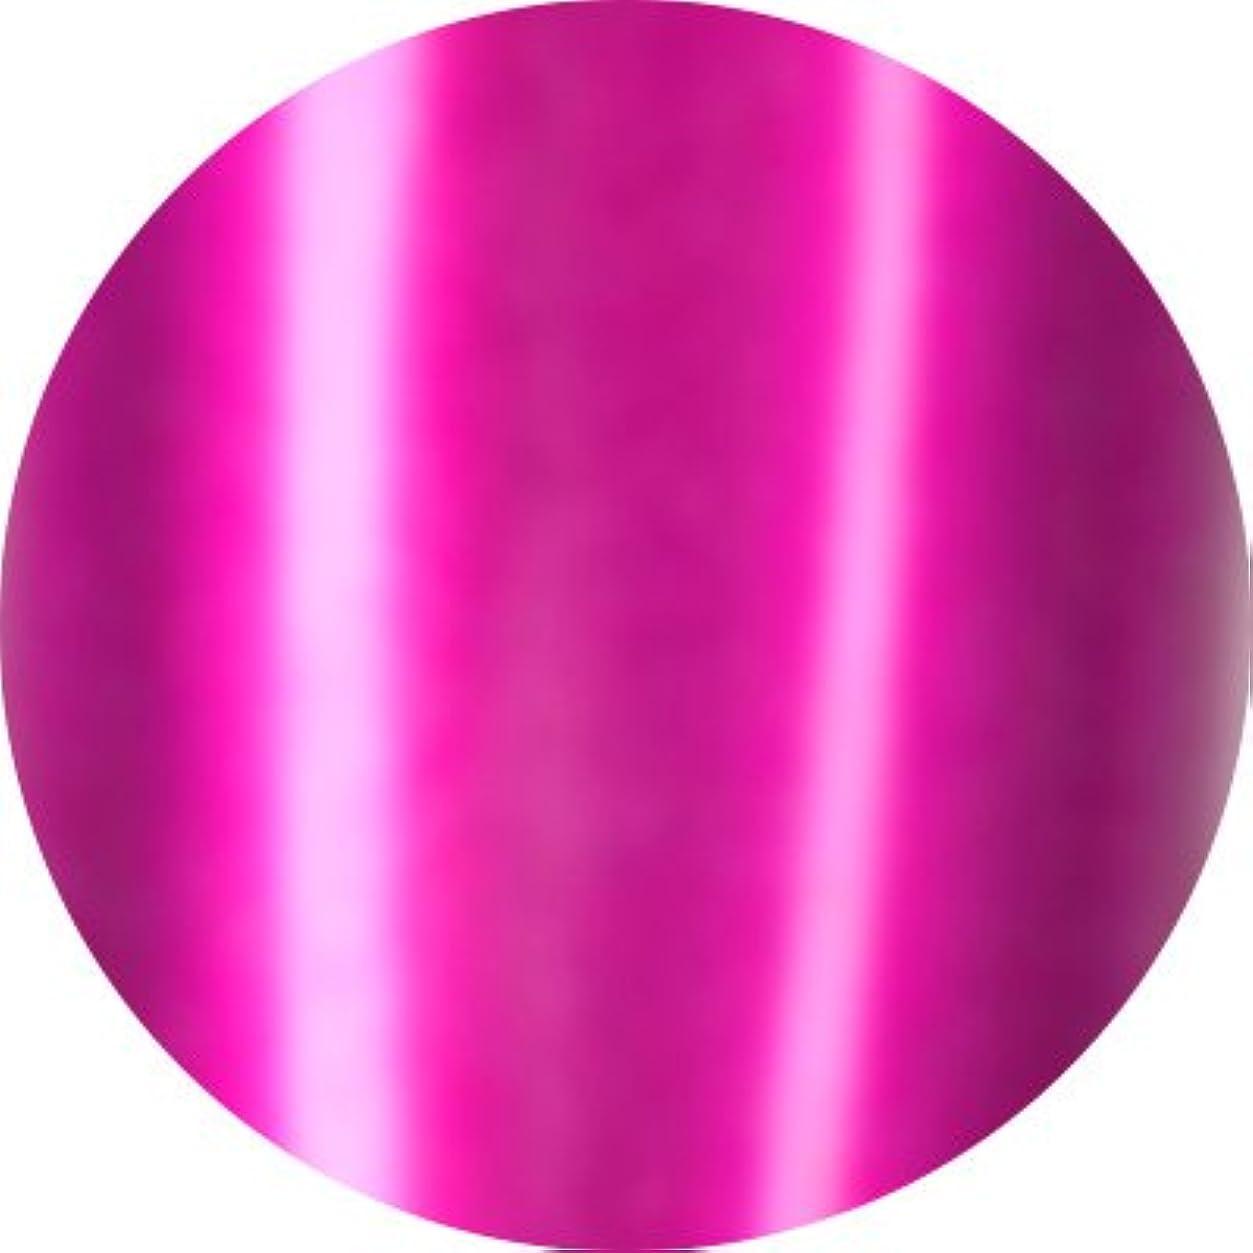 磁気延ばす所有権Jewelry jel(ジュエリージェル) カラージェル 5ml<BR>メタリック MT022